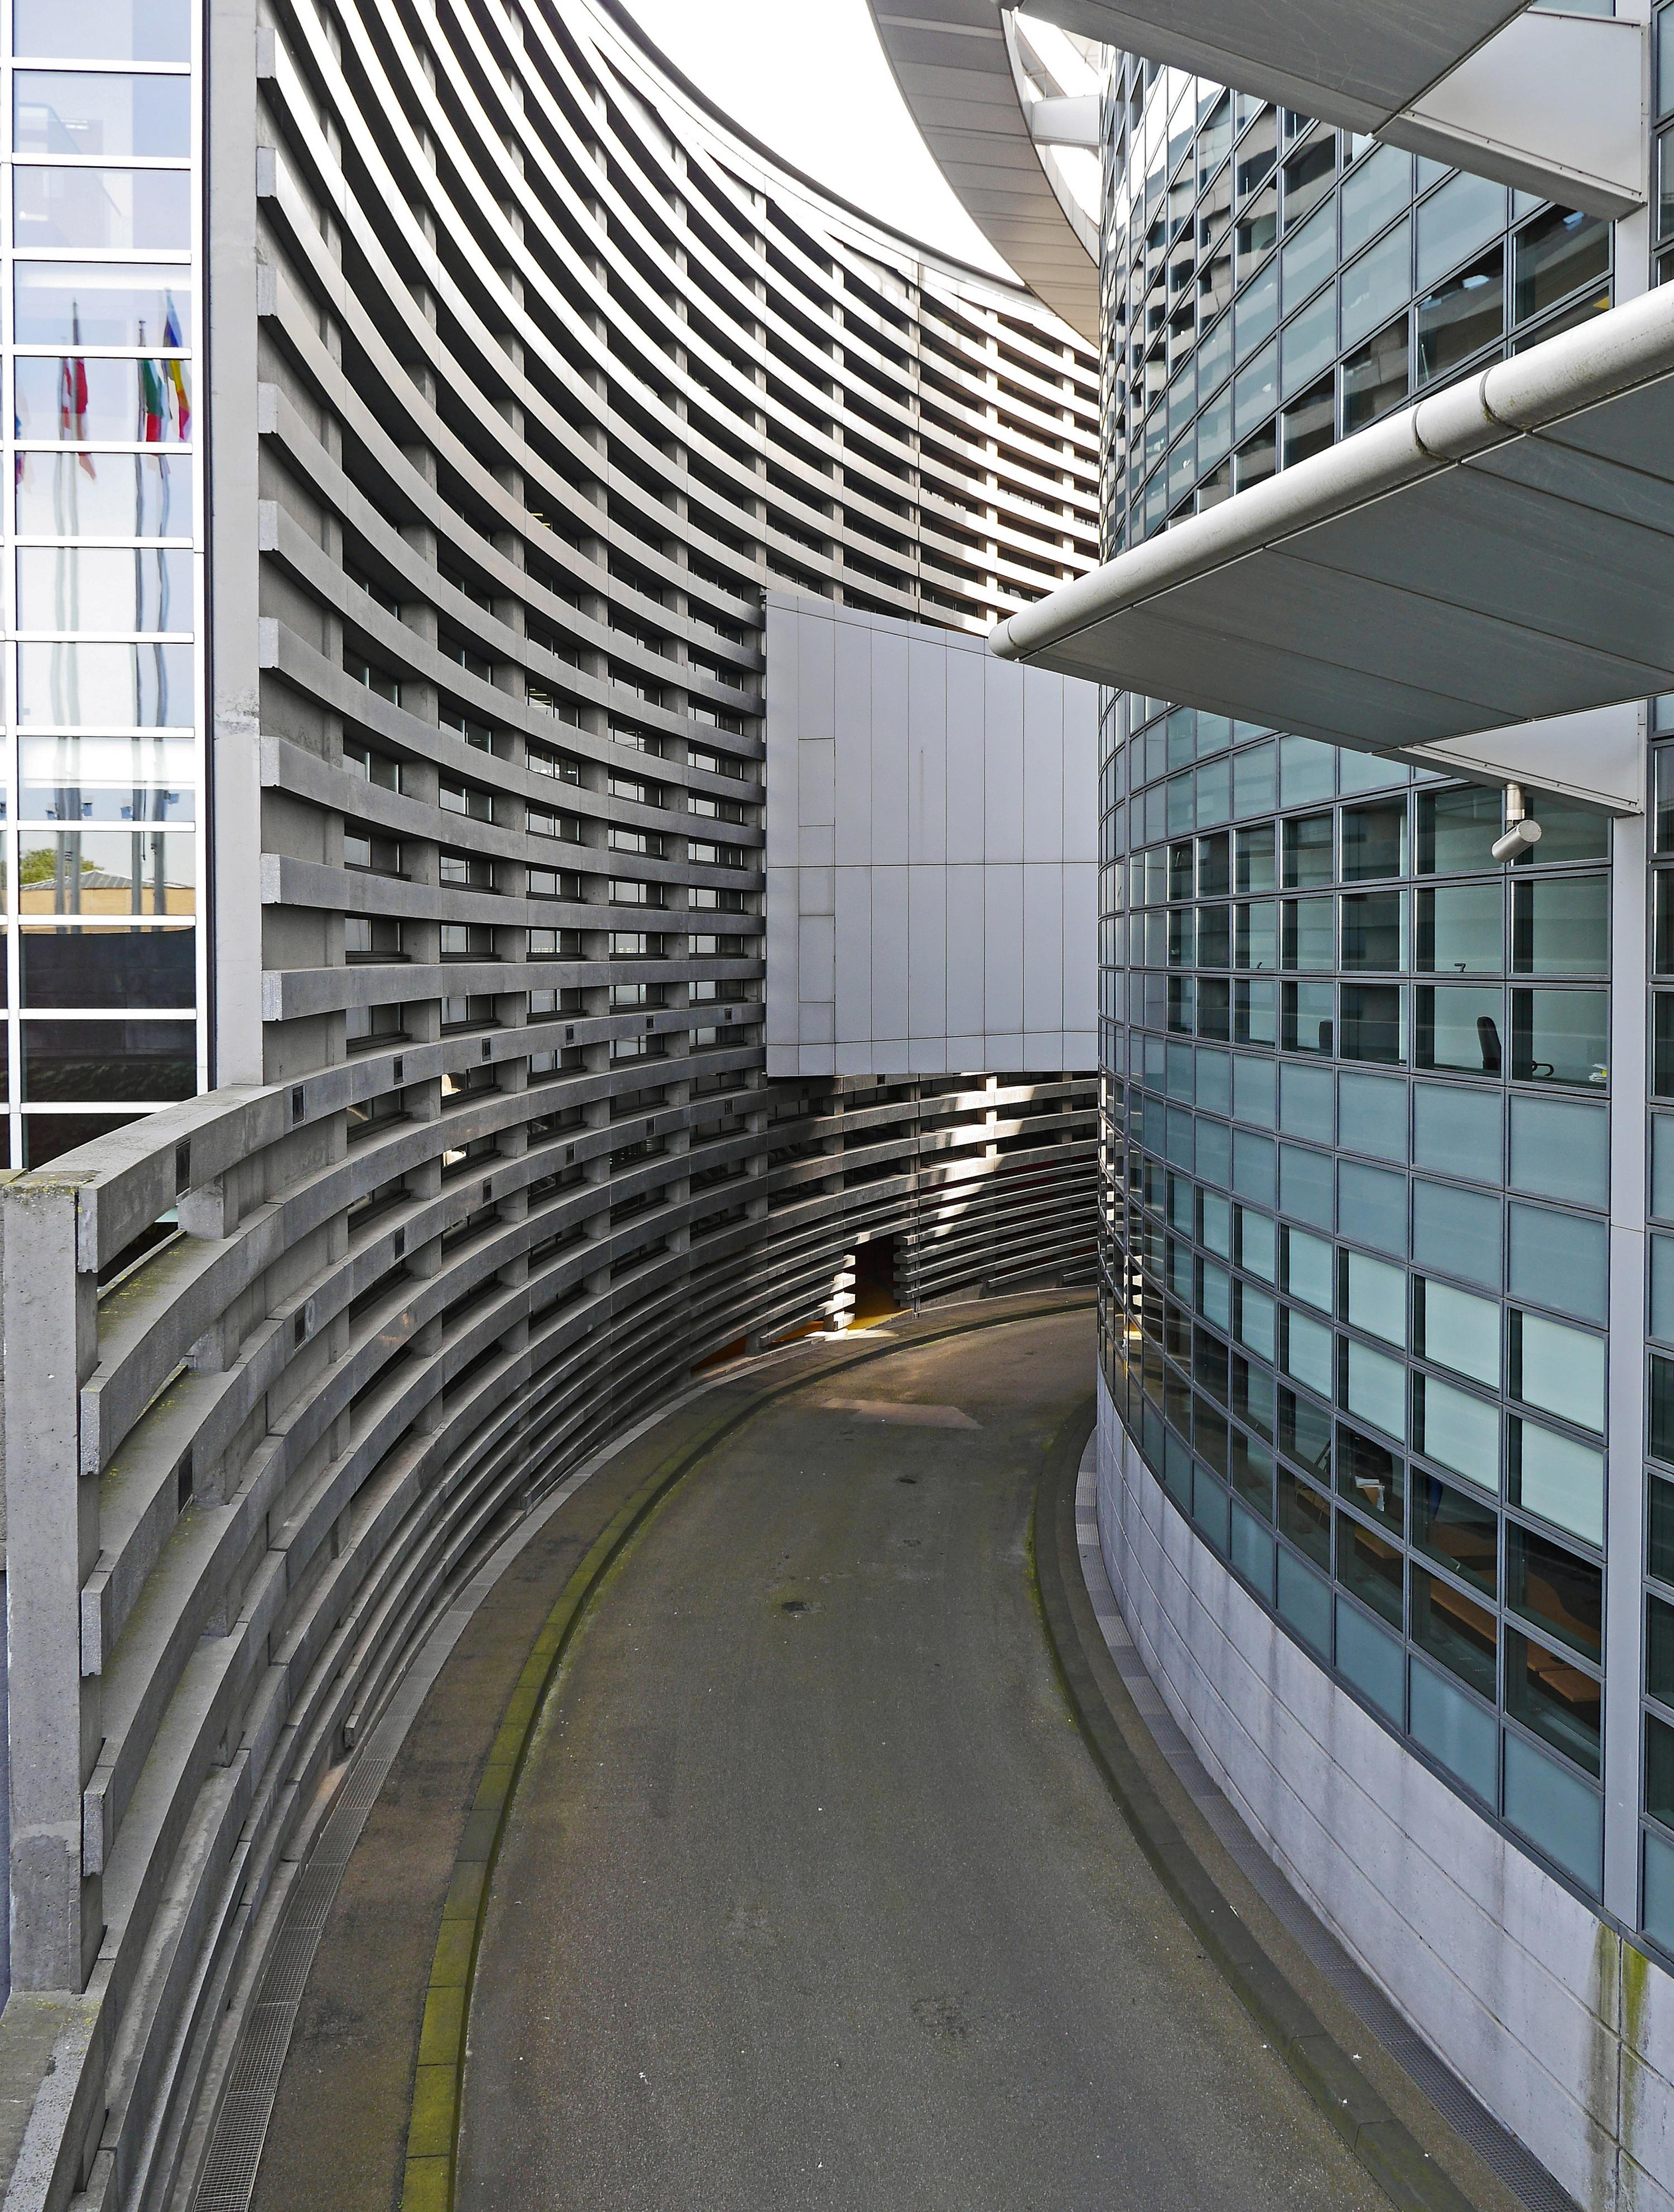 Gambar arsitektur struktur kaca perancis eropah penglihatan tempat tempat menarik - Garage auto h strasbourg ...